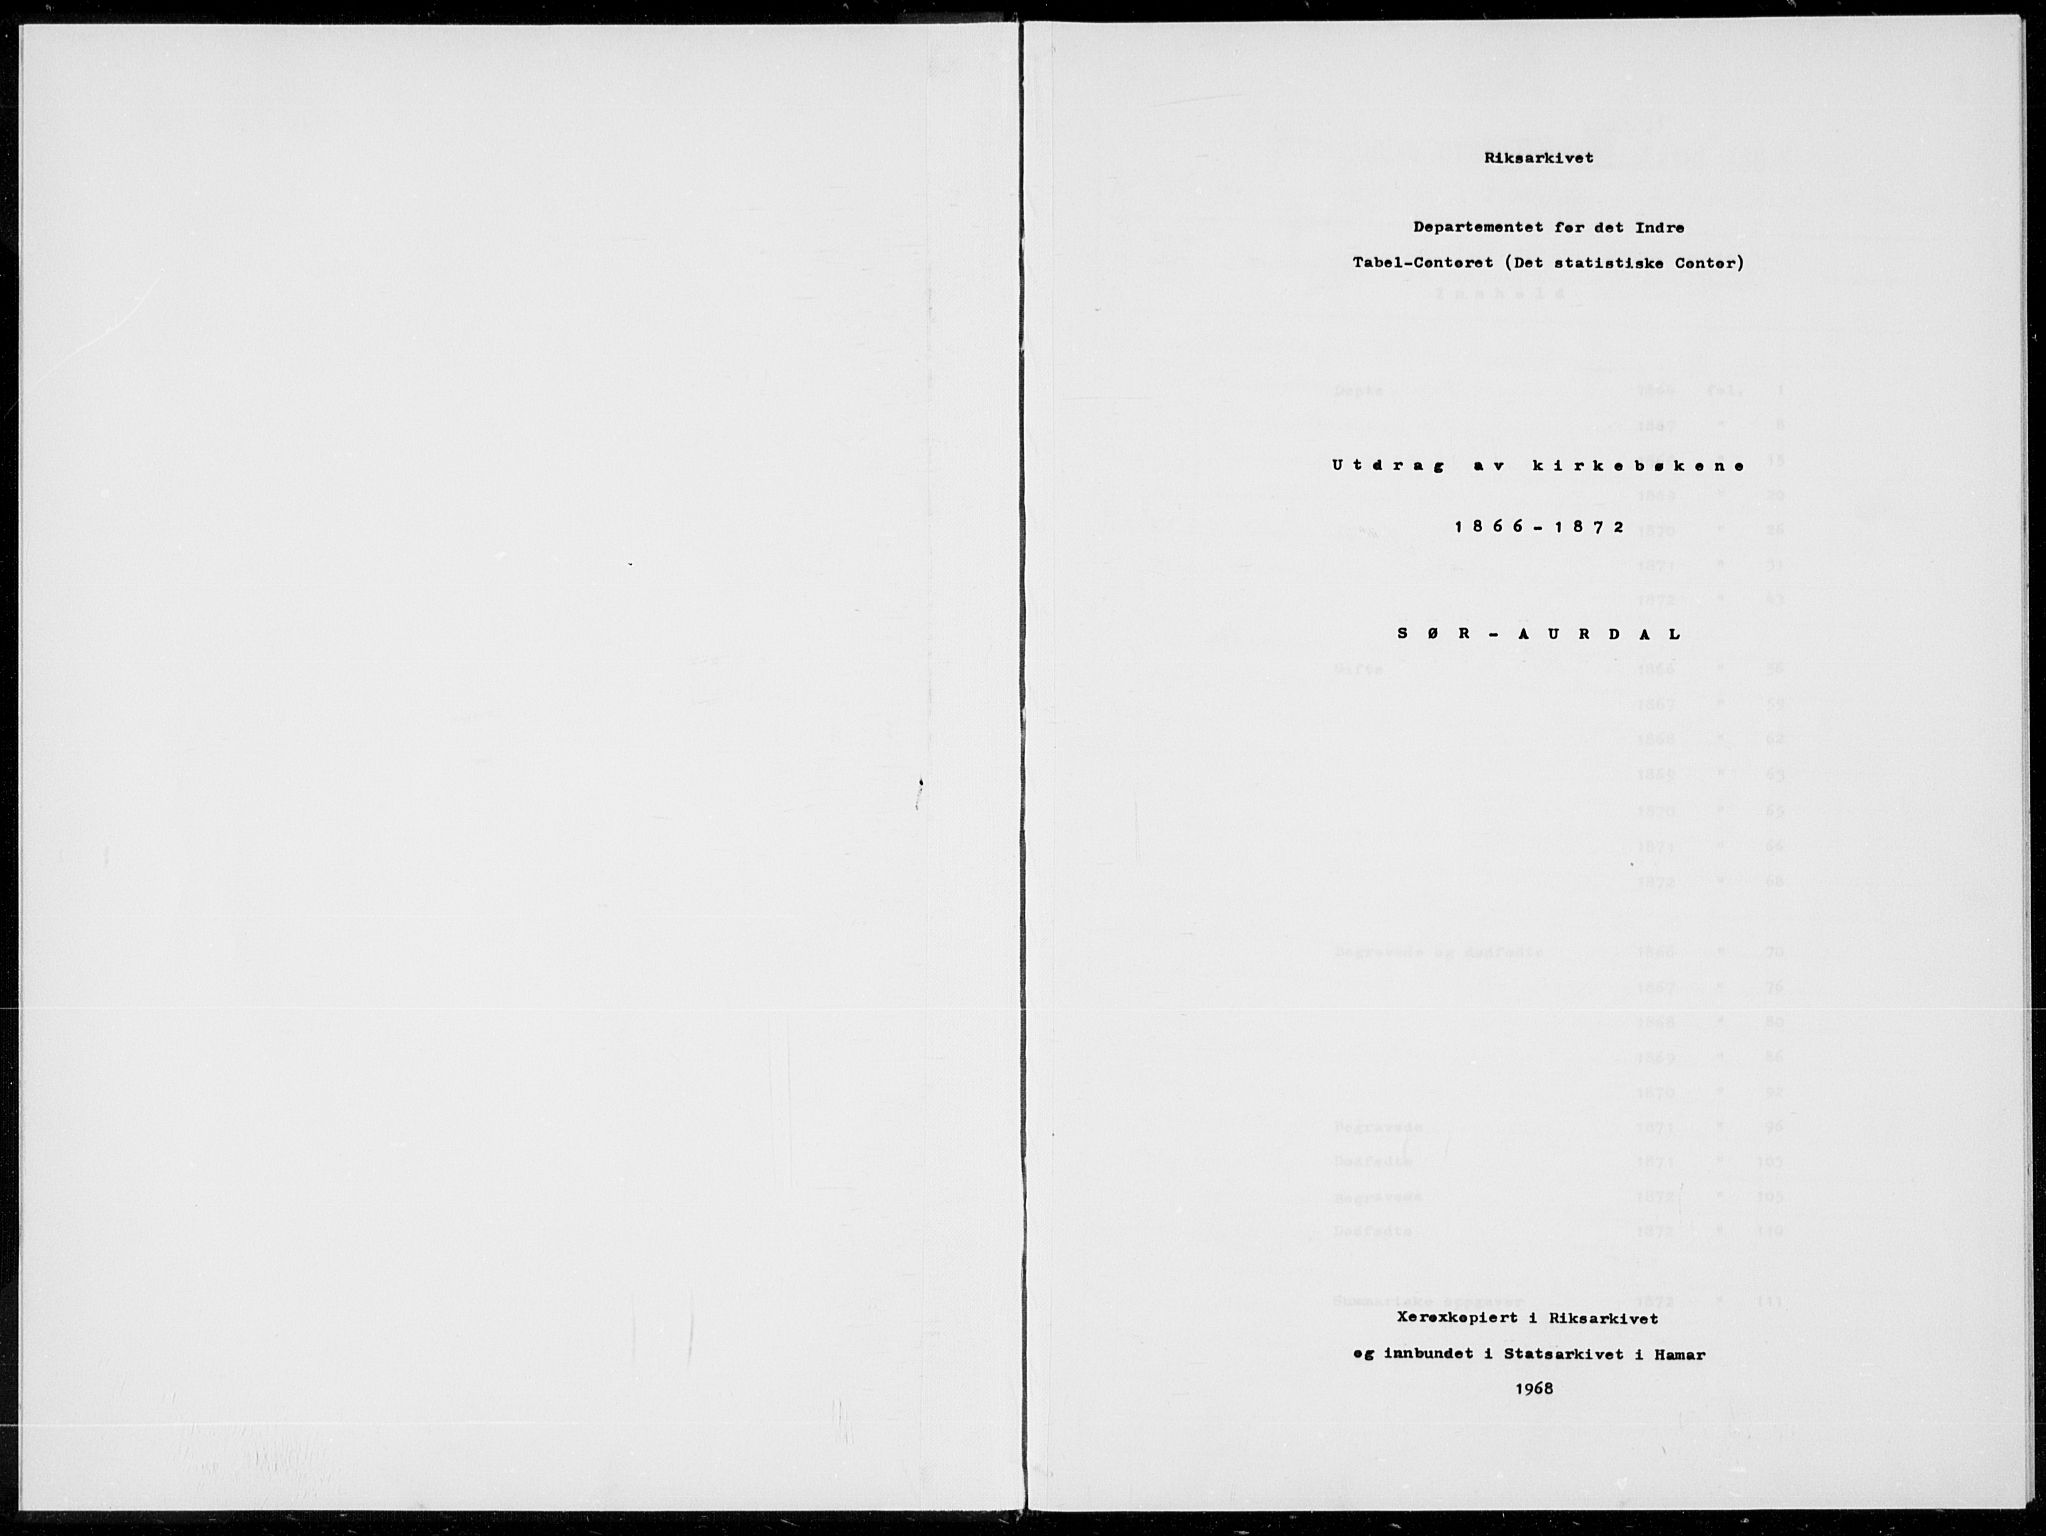 SAH, Sør-Aurdal prestekontor, Ministerialbok, 1866-1872